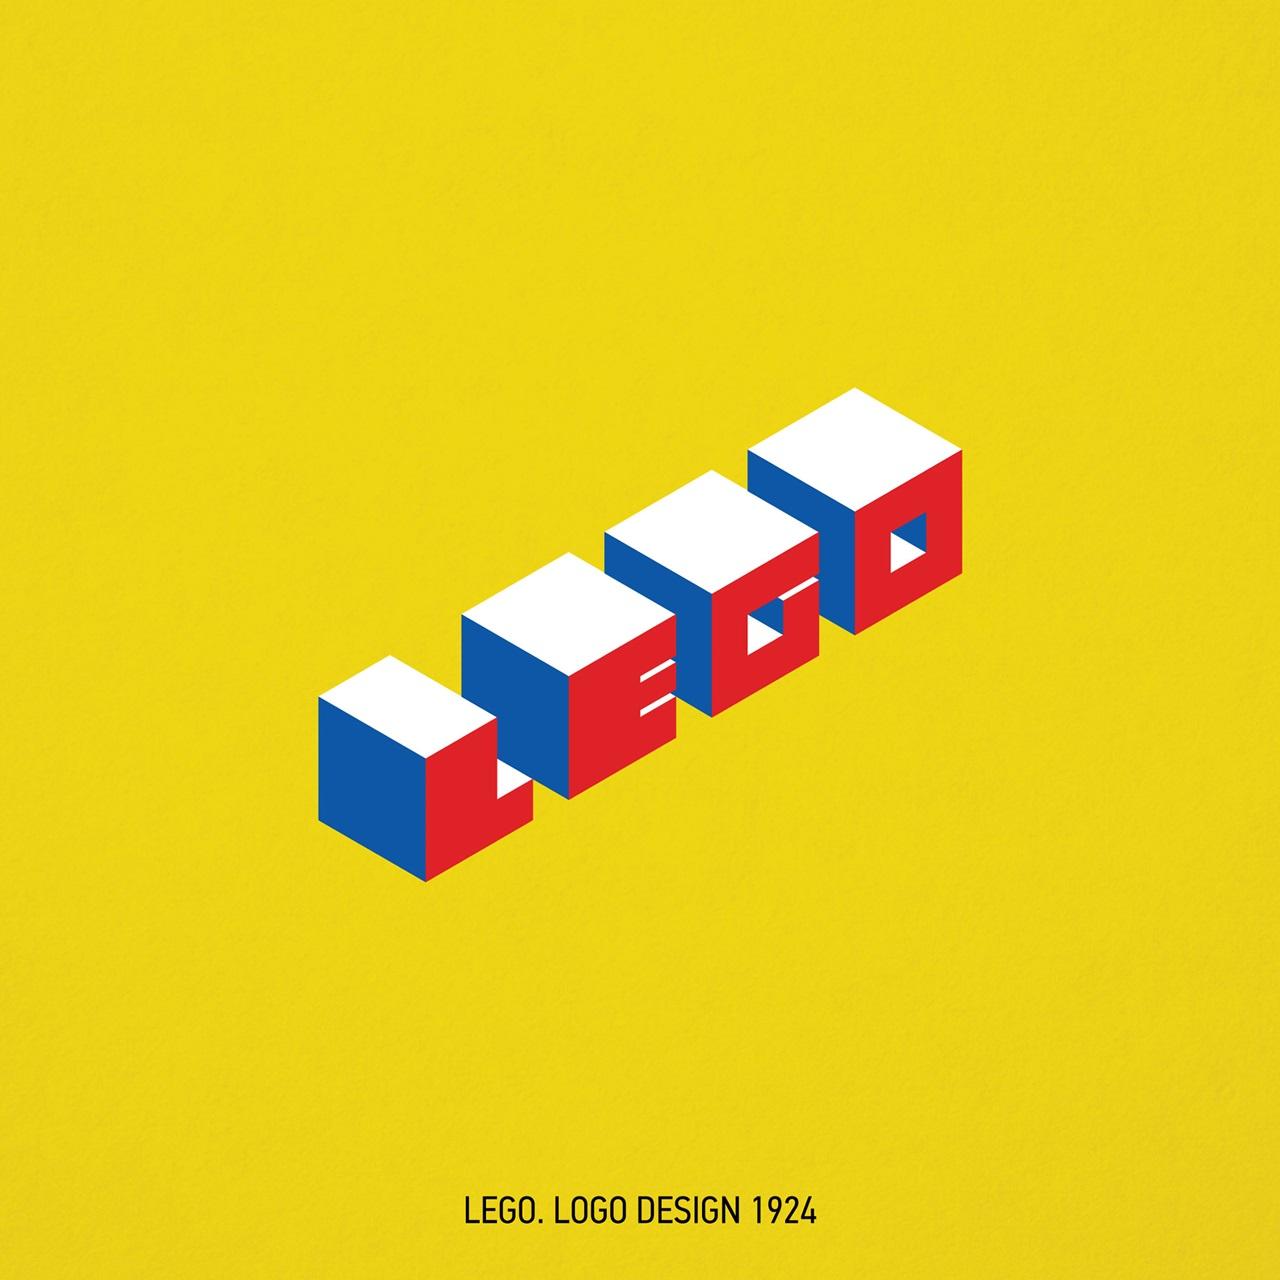 Loga znanych marek zaprojektowane w stylu Bauhausu